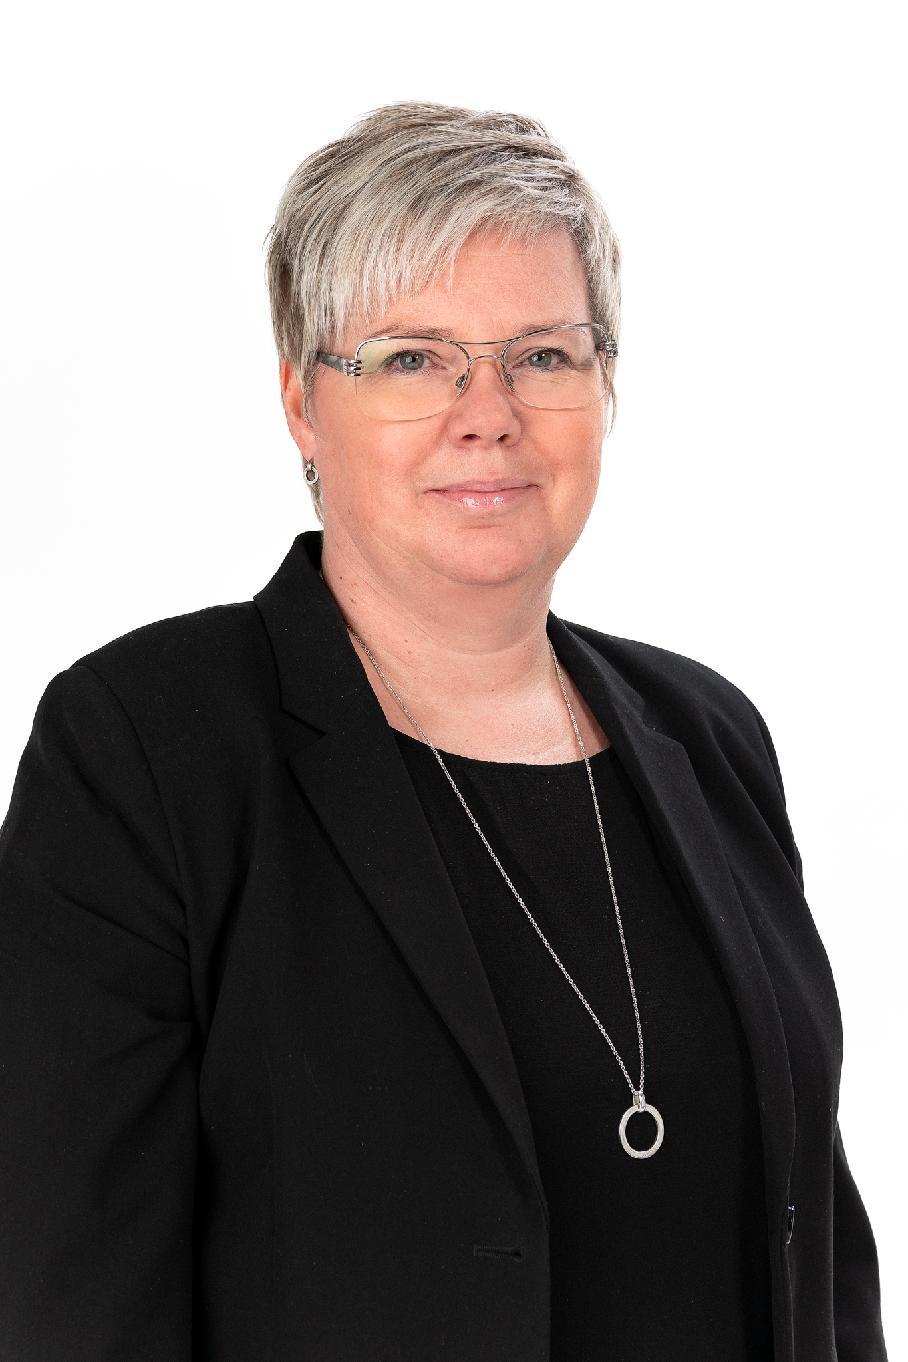 Anna-Lena Björkqvist Kontaktuppgifter kundrådgivare Andelsbanken Raseborg Osuuspankki Raasepori asiaksneuvoja yhteystiedot